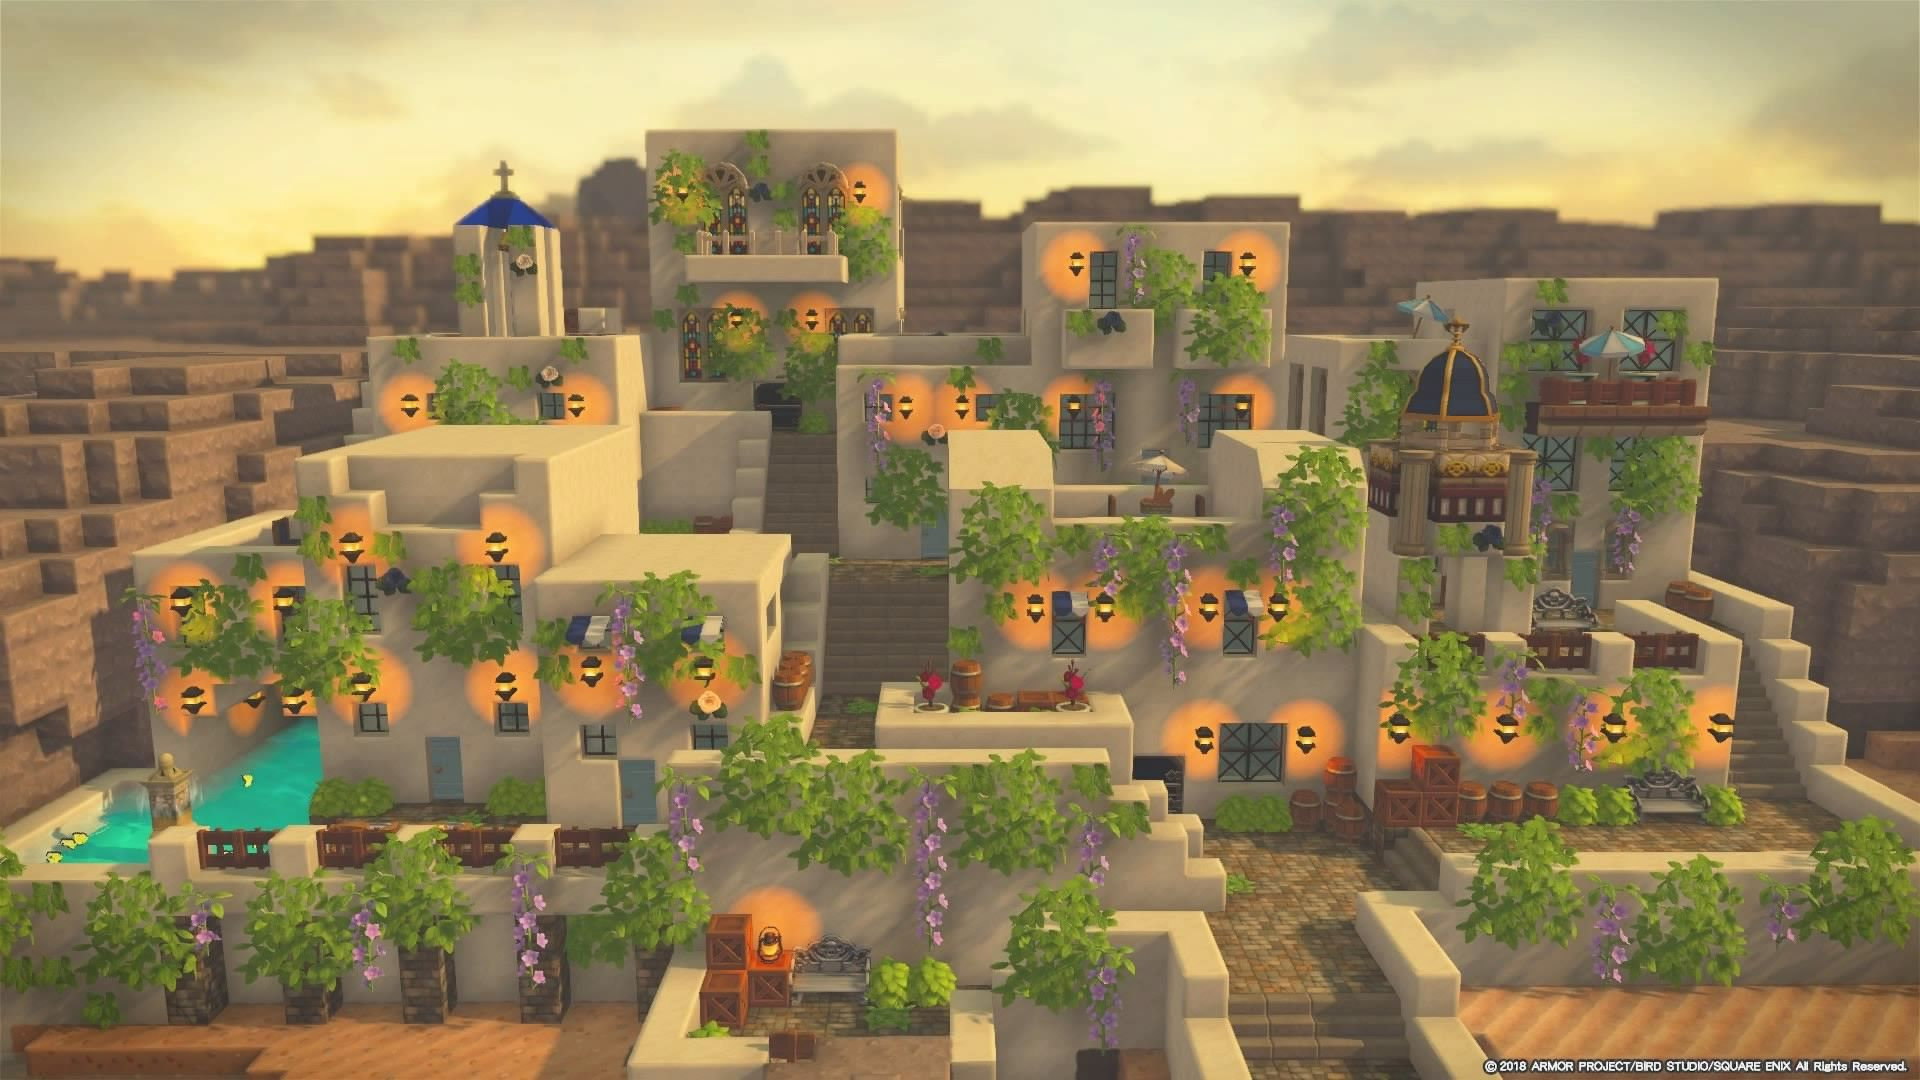 ビルダーズギャラリー ドラゴンクエストビルダーズ2 Square Enix